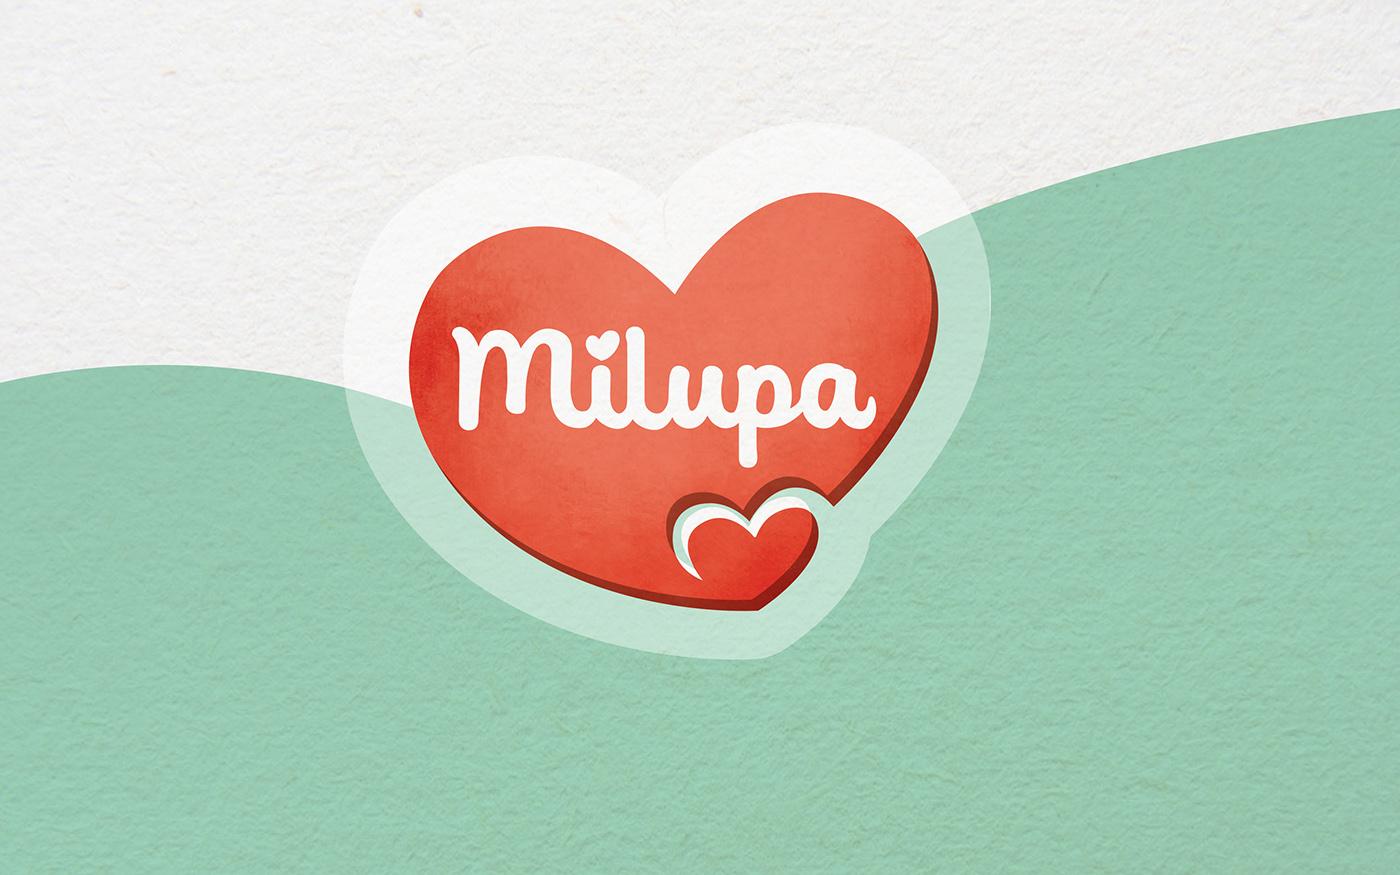 milupa baby Food  Cereal porridge little nutrition ILLUSTRATION  kindness toddler